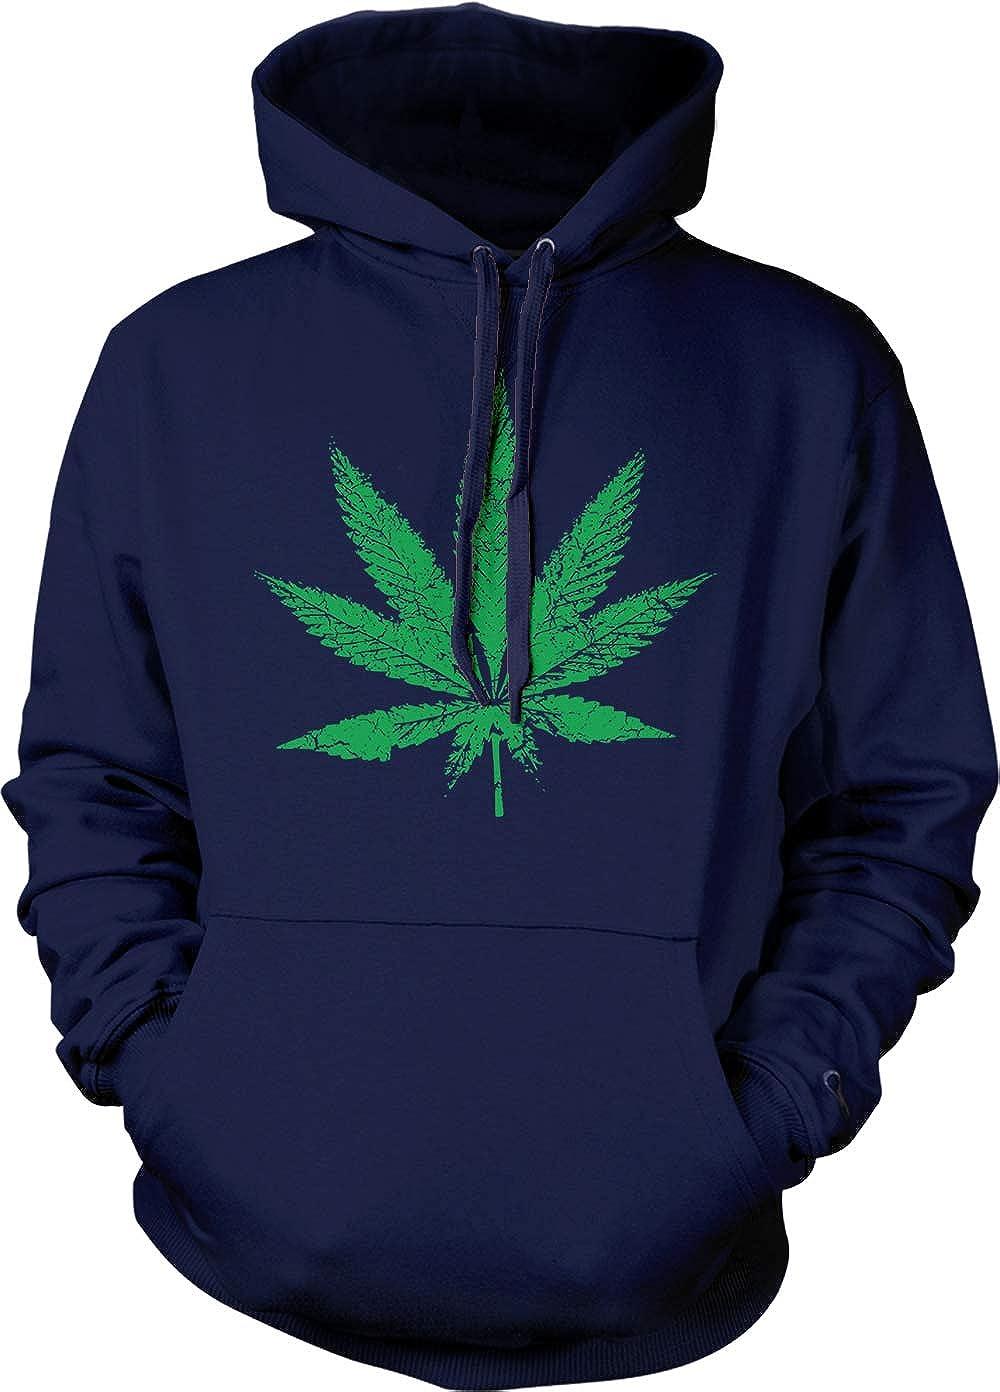 420 Stoner Marijuana Leaf Unisex Pothead Hoodie Sweatshirt jLUVpSzMqG